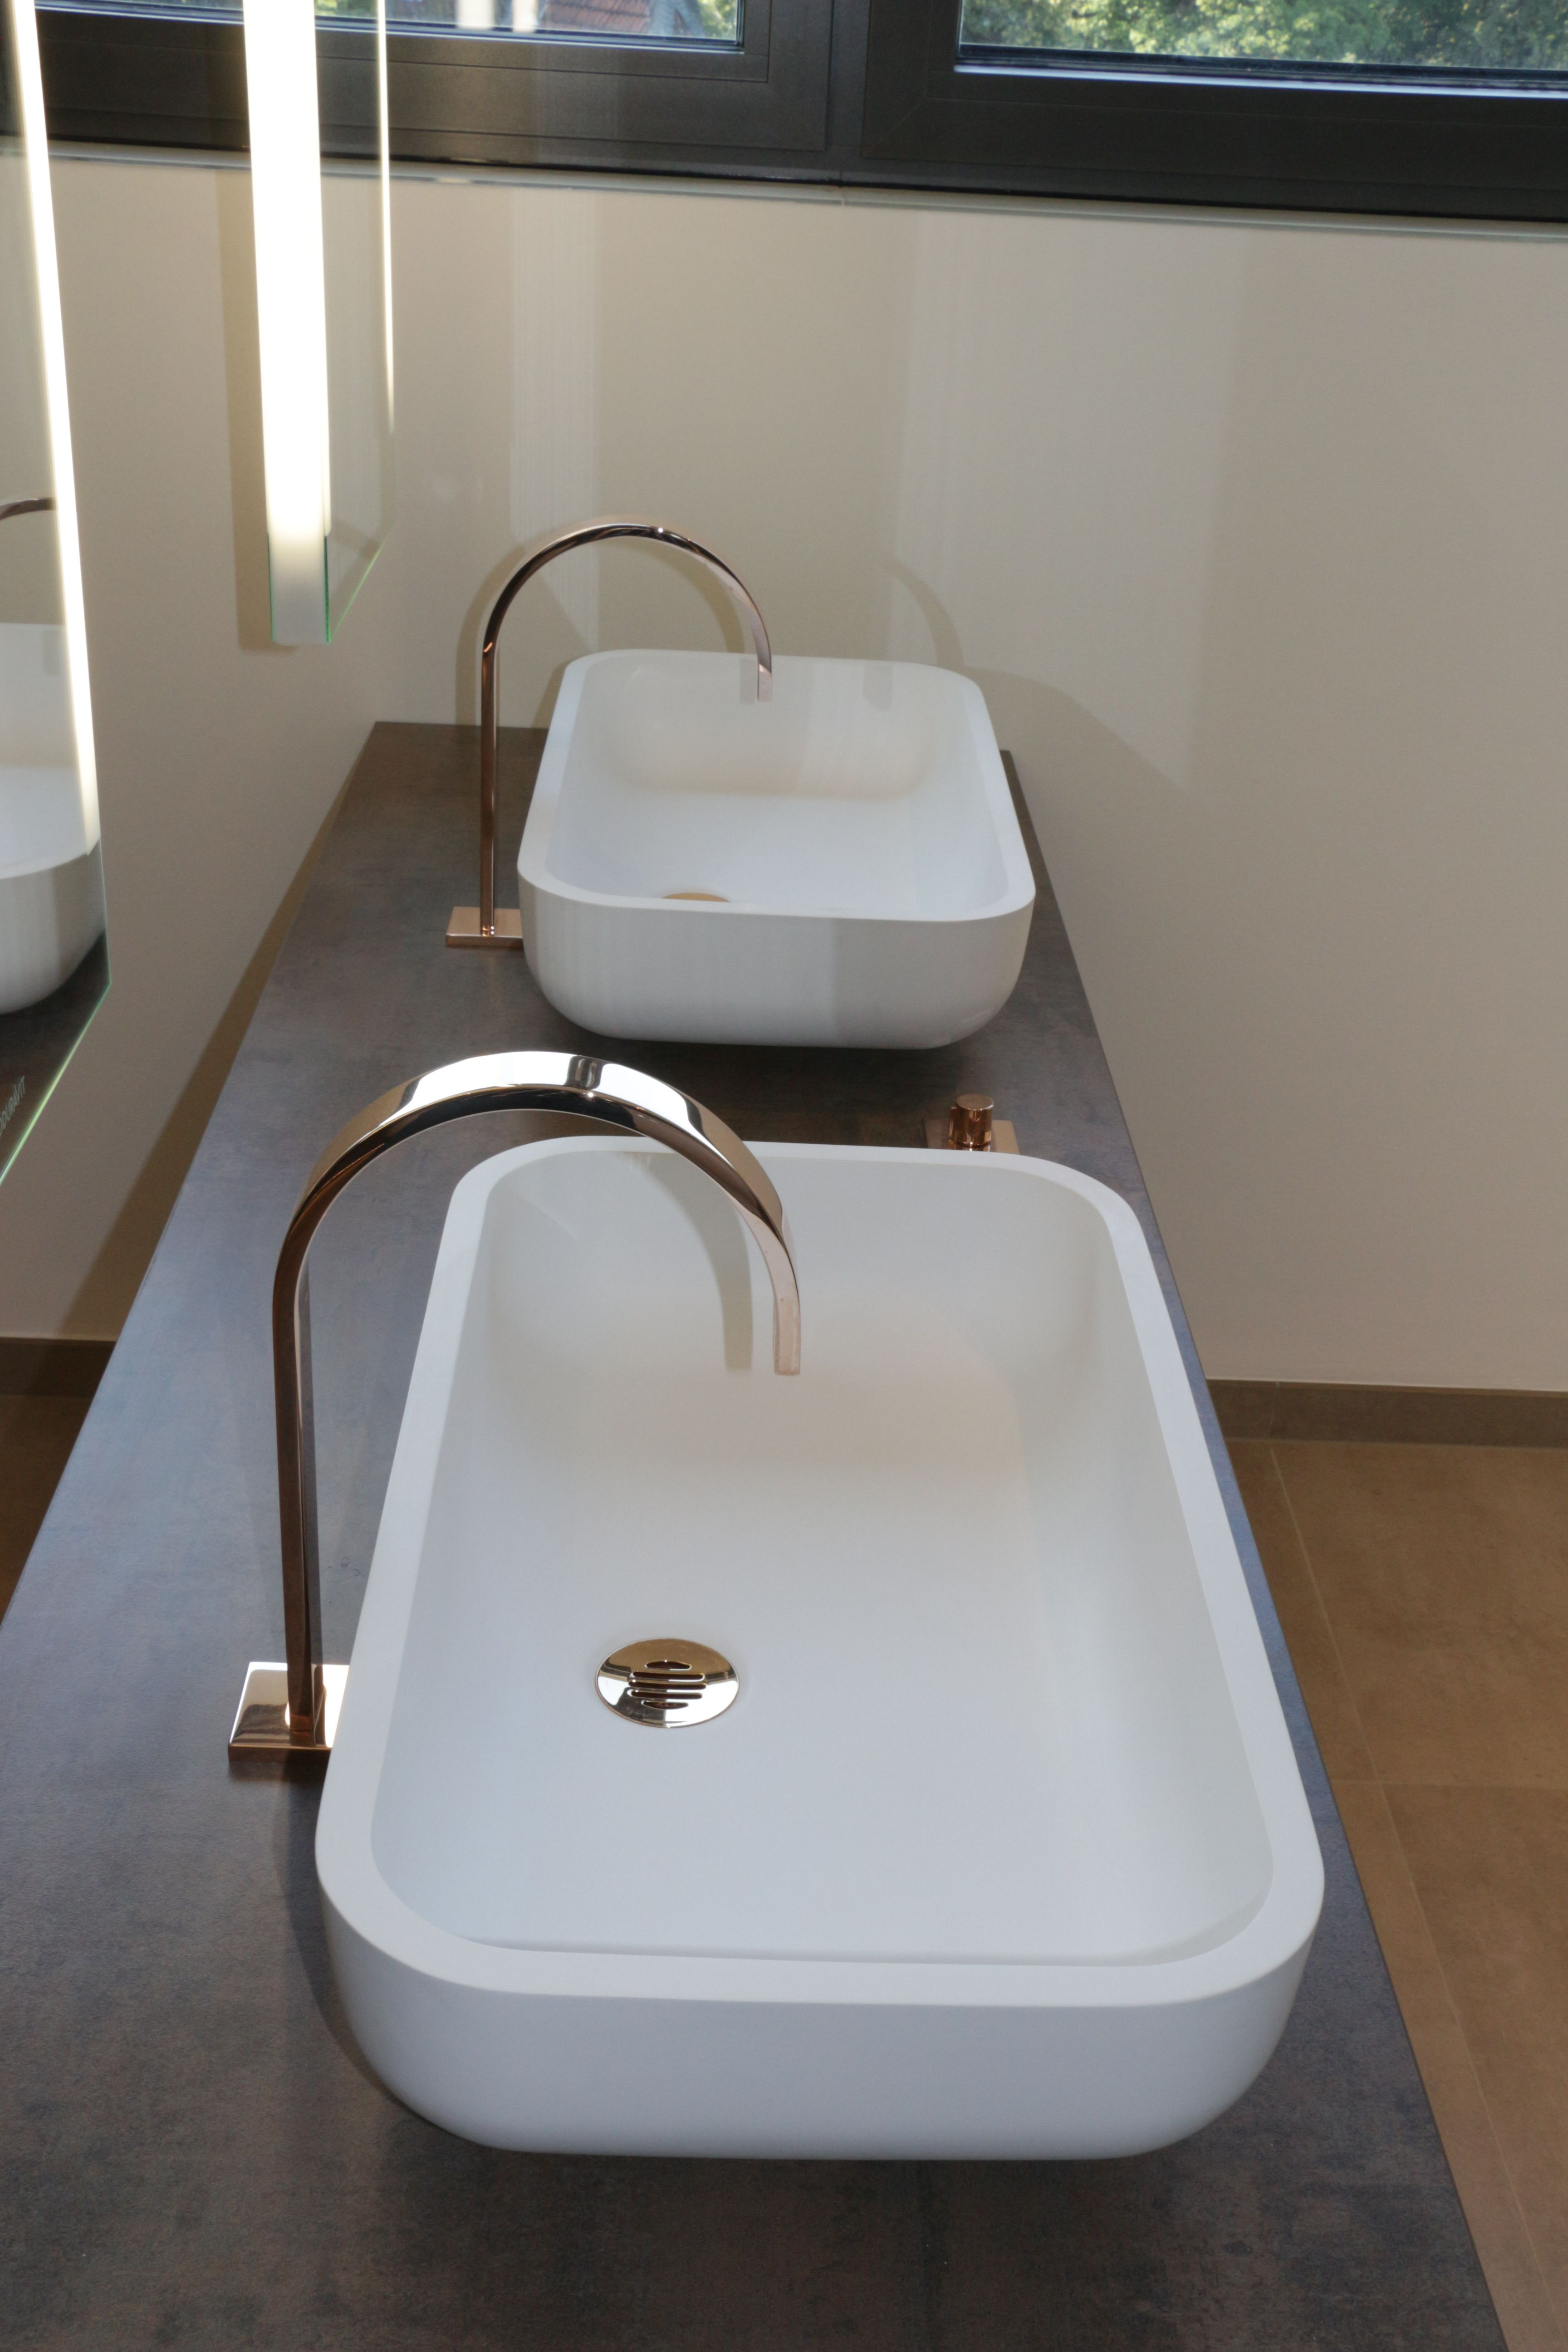 Lieblich Moderne Waschtischkombination #Waschtisch #Aufstellbecken #Wandfliesen  #Bodenfliesen #Armatur #Bad #Badezimmer